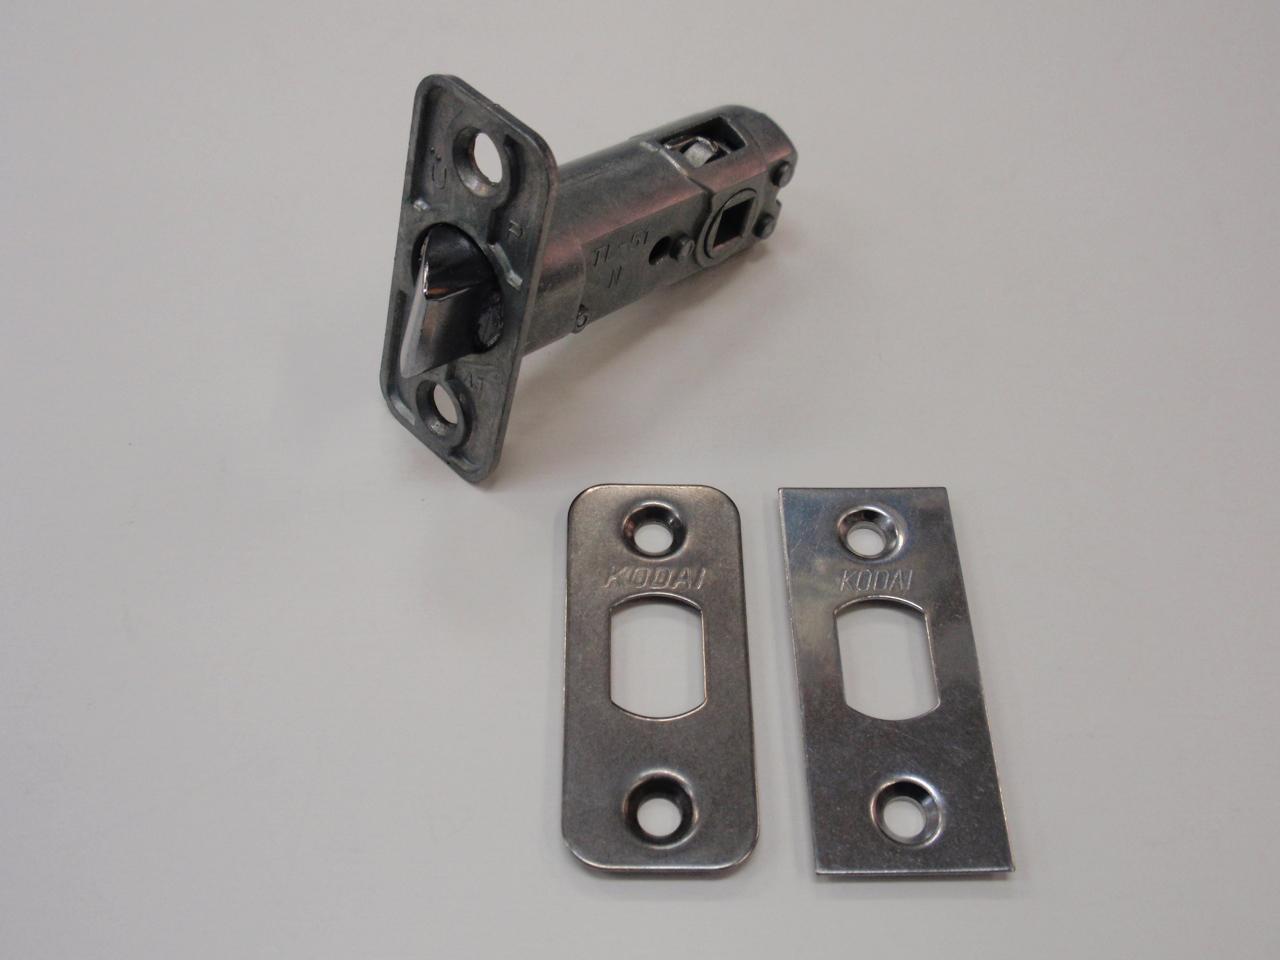 レバーハンドル錠のラッチだけ替えたい! KODAI 古代 NAGASAWA 長沢製作所 レバーハンドル用ラッチ TL-51 (角フロント・Rフロント)